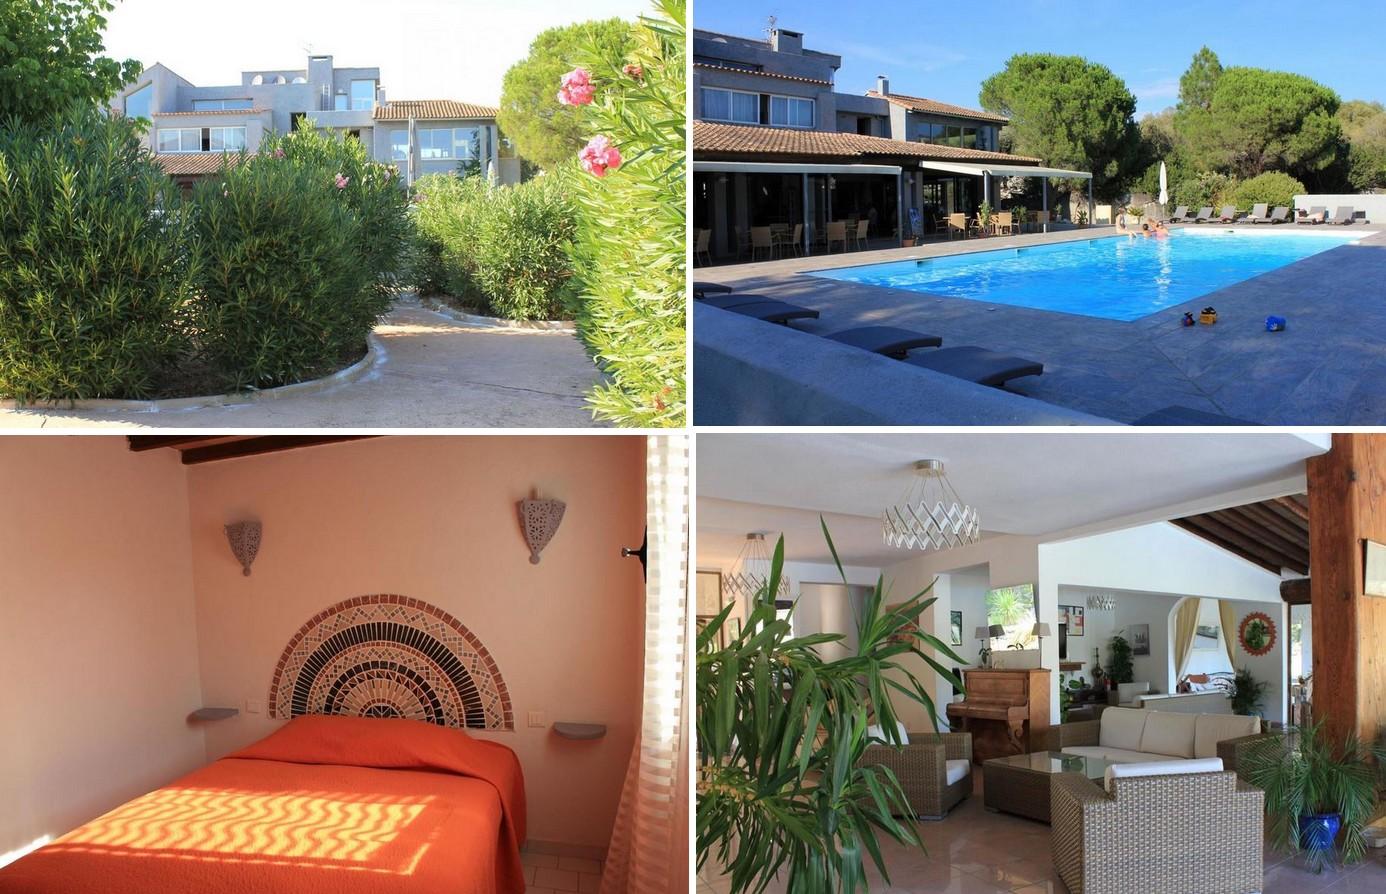 hotel-mairna-village-ou-dormir-a-porto-vecchio